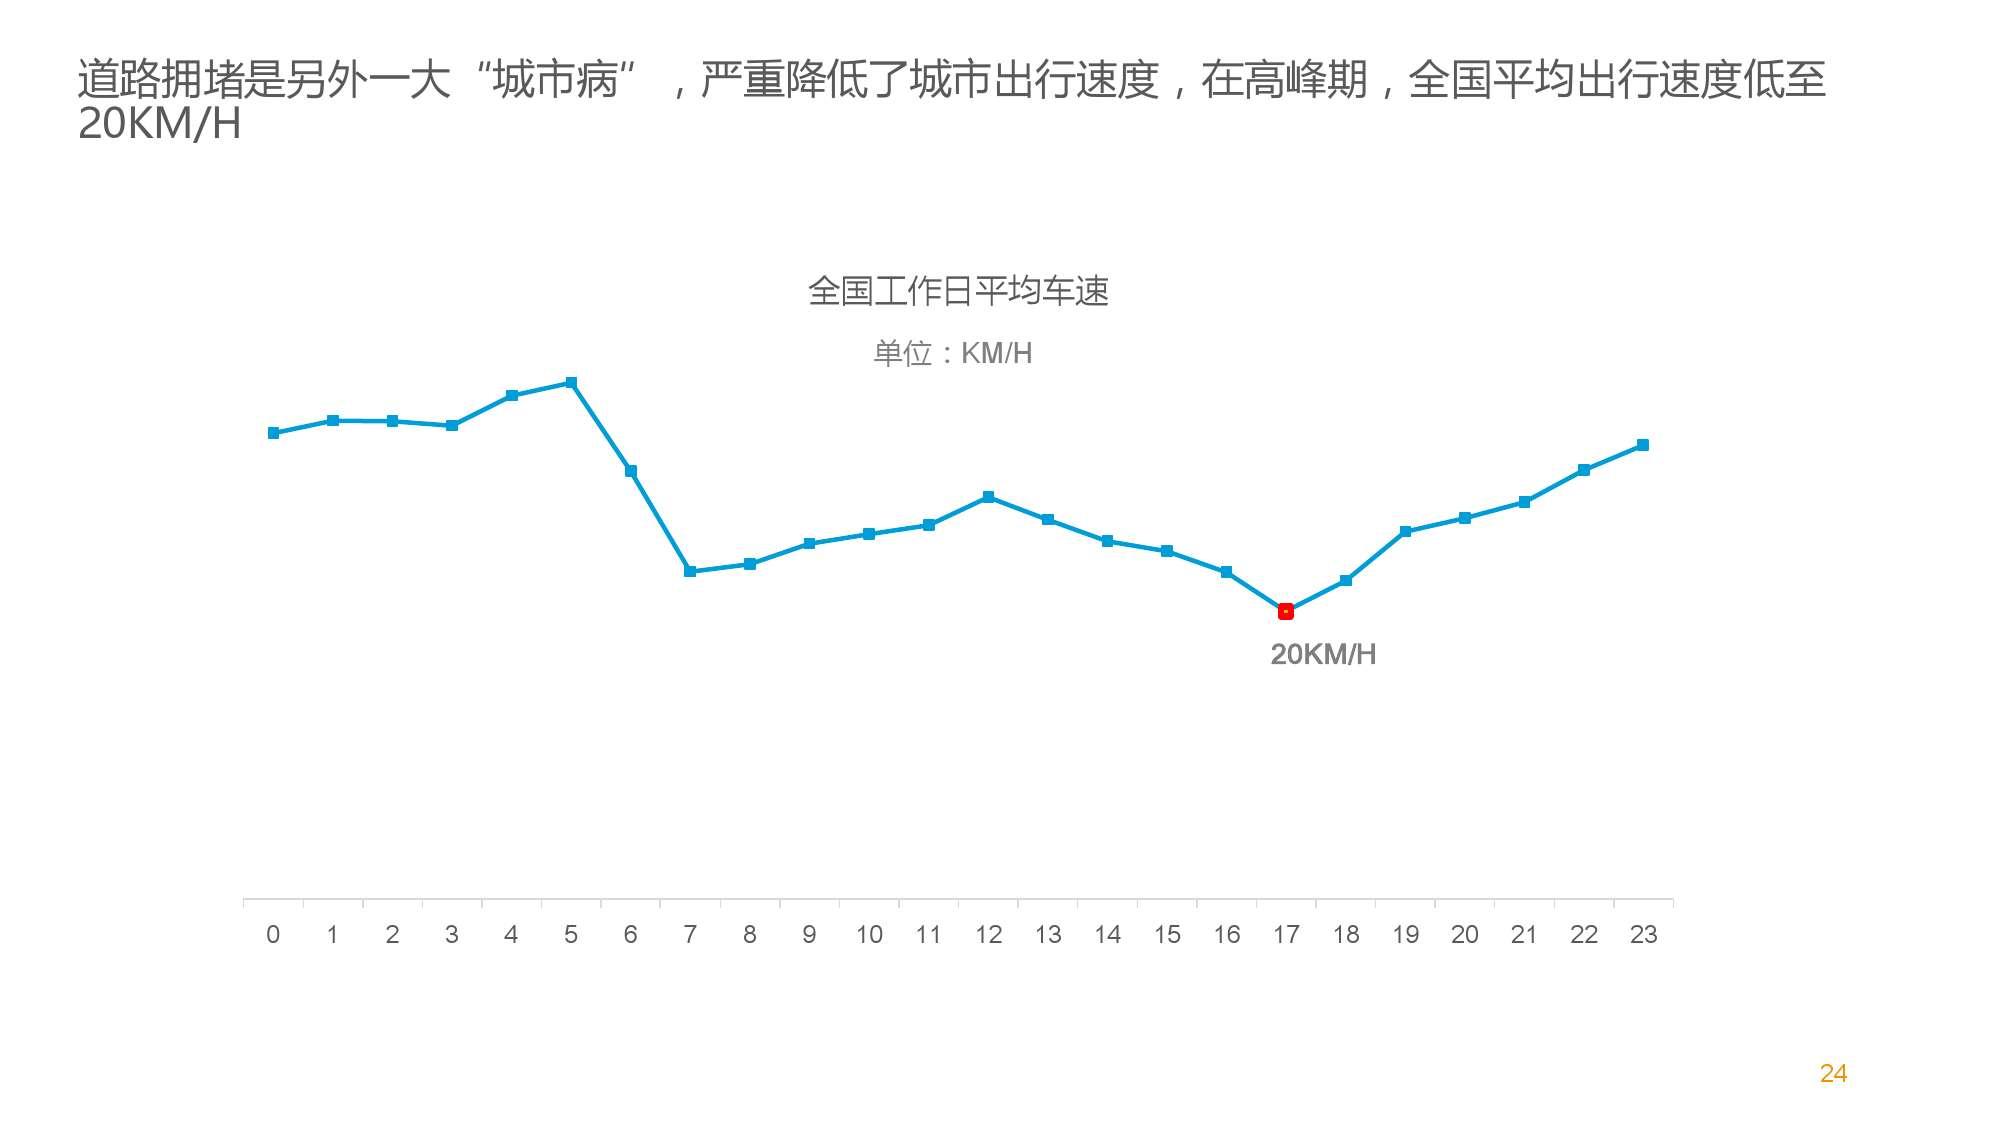 中国智能出行2015大数据报告_000024